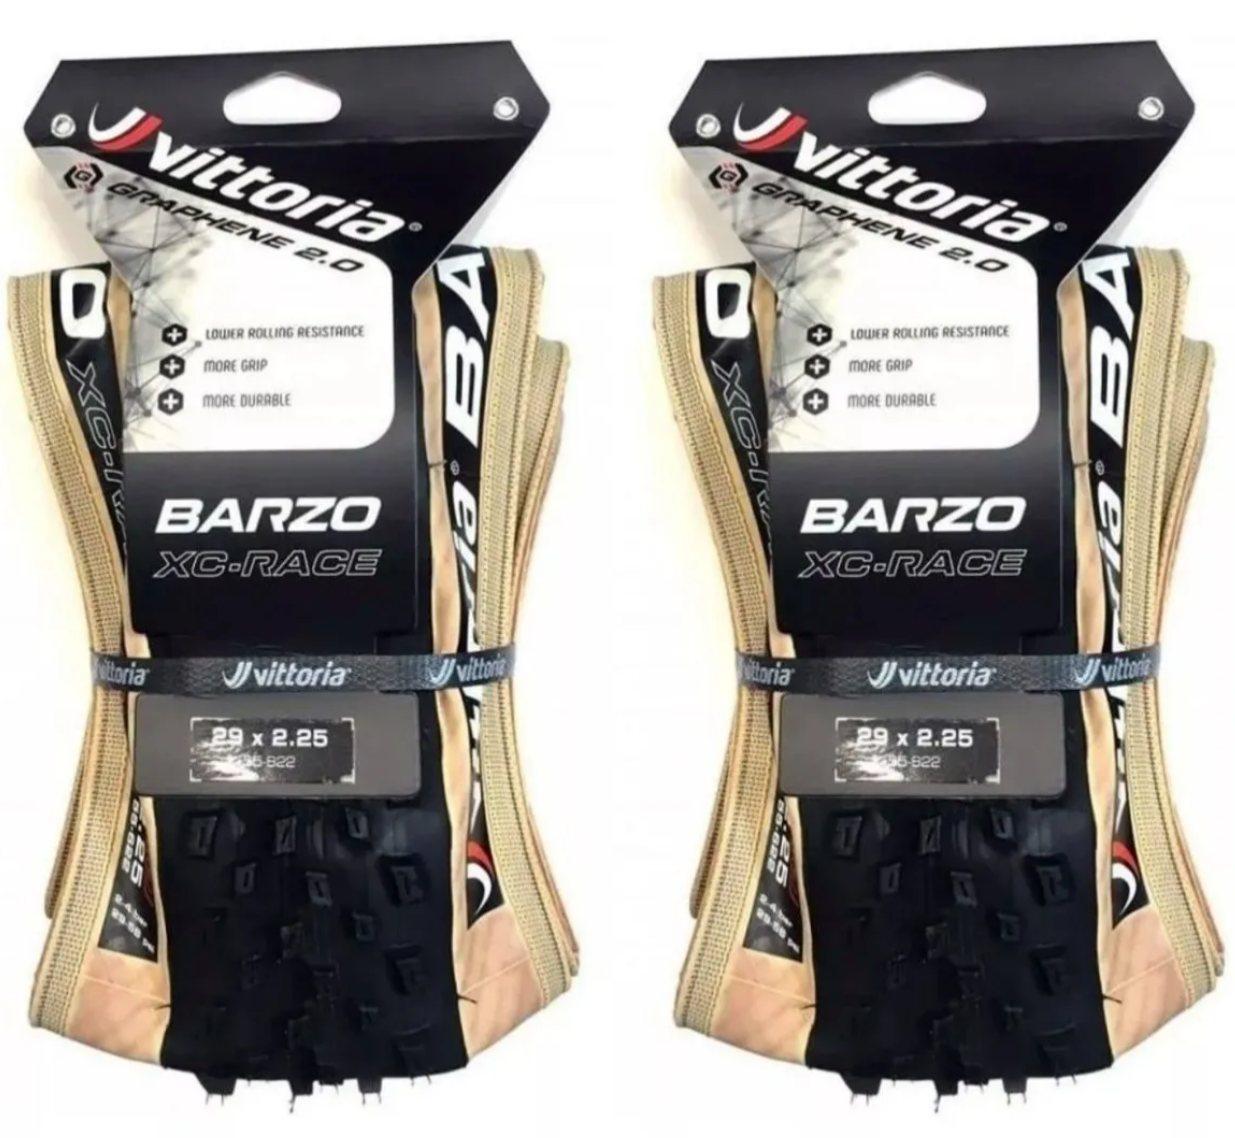 2 Pneus Vittoria Barzo Xc Race 29x2.25 Grafeno Tubeless